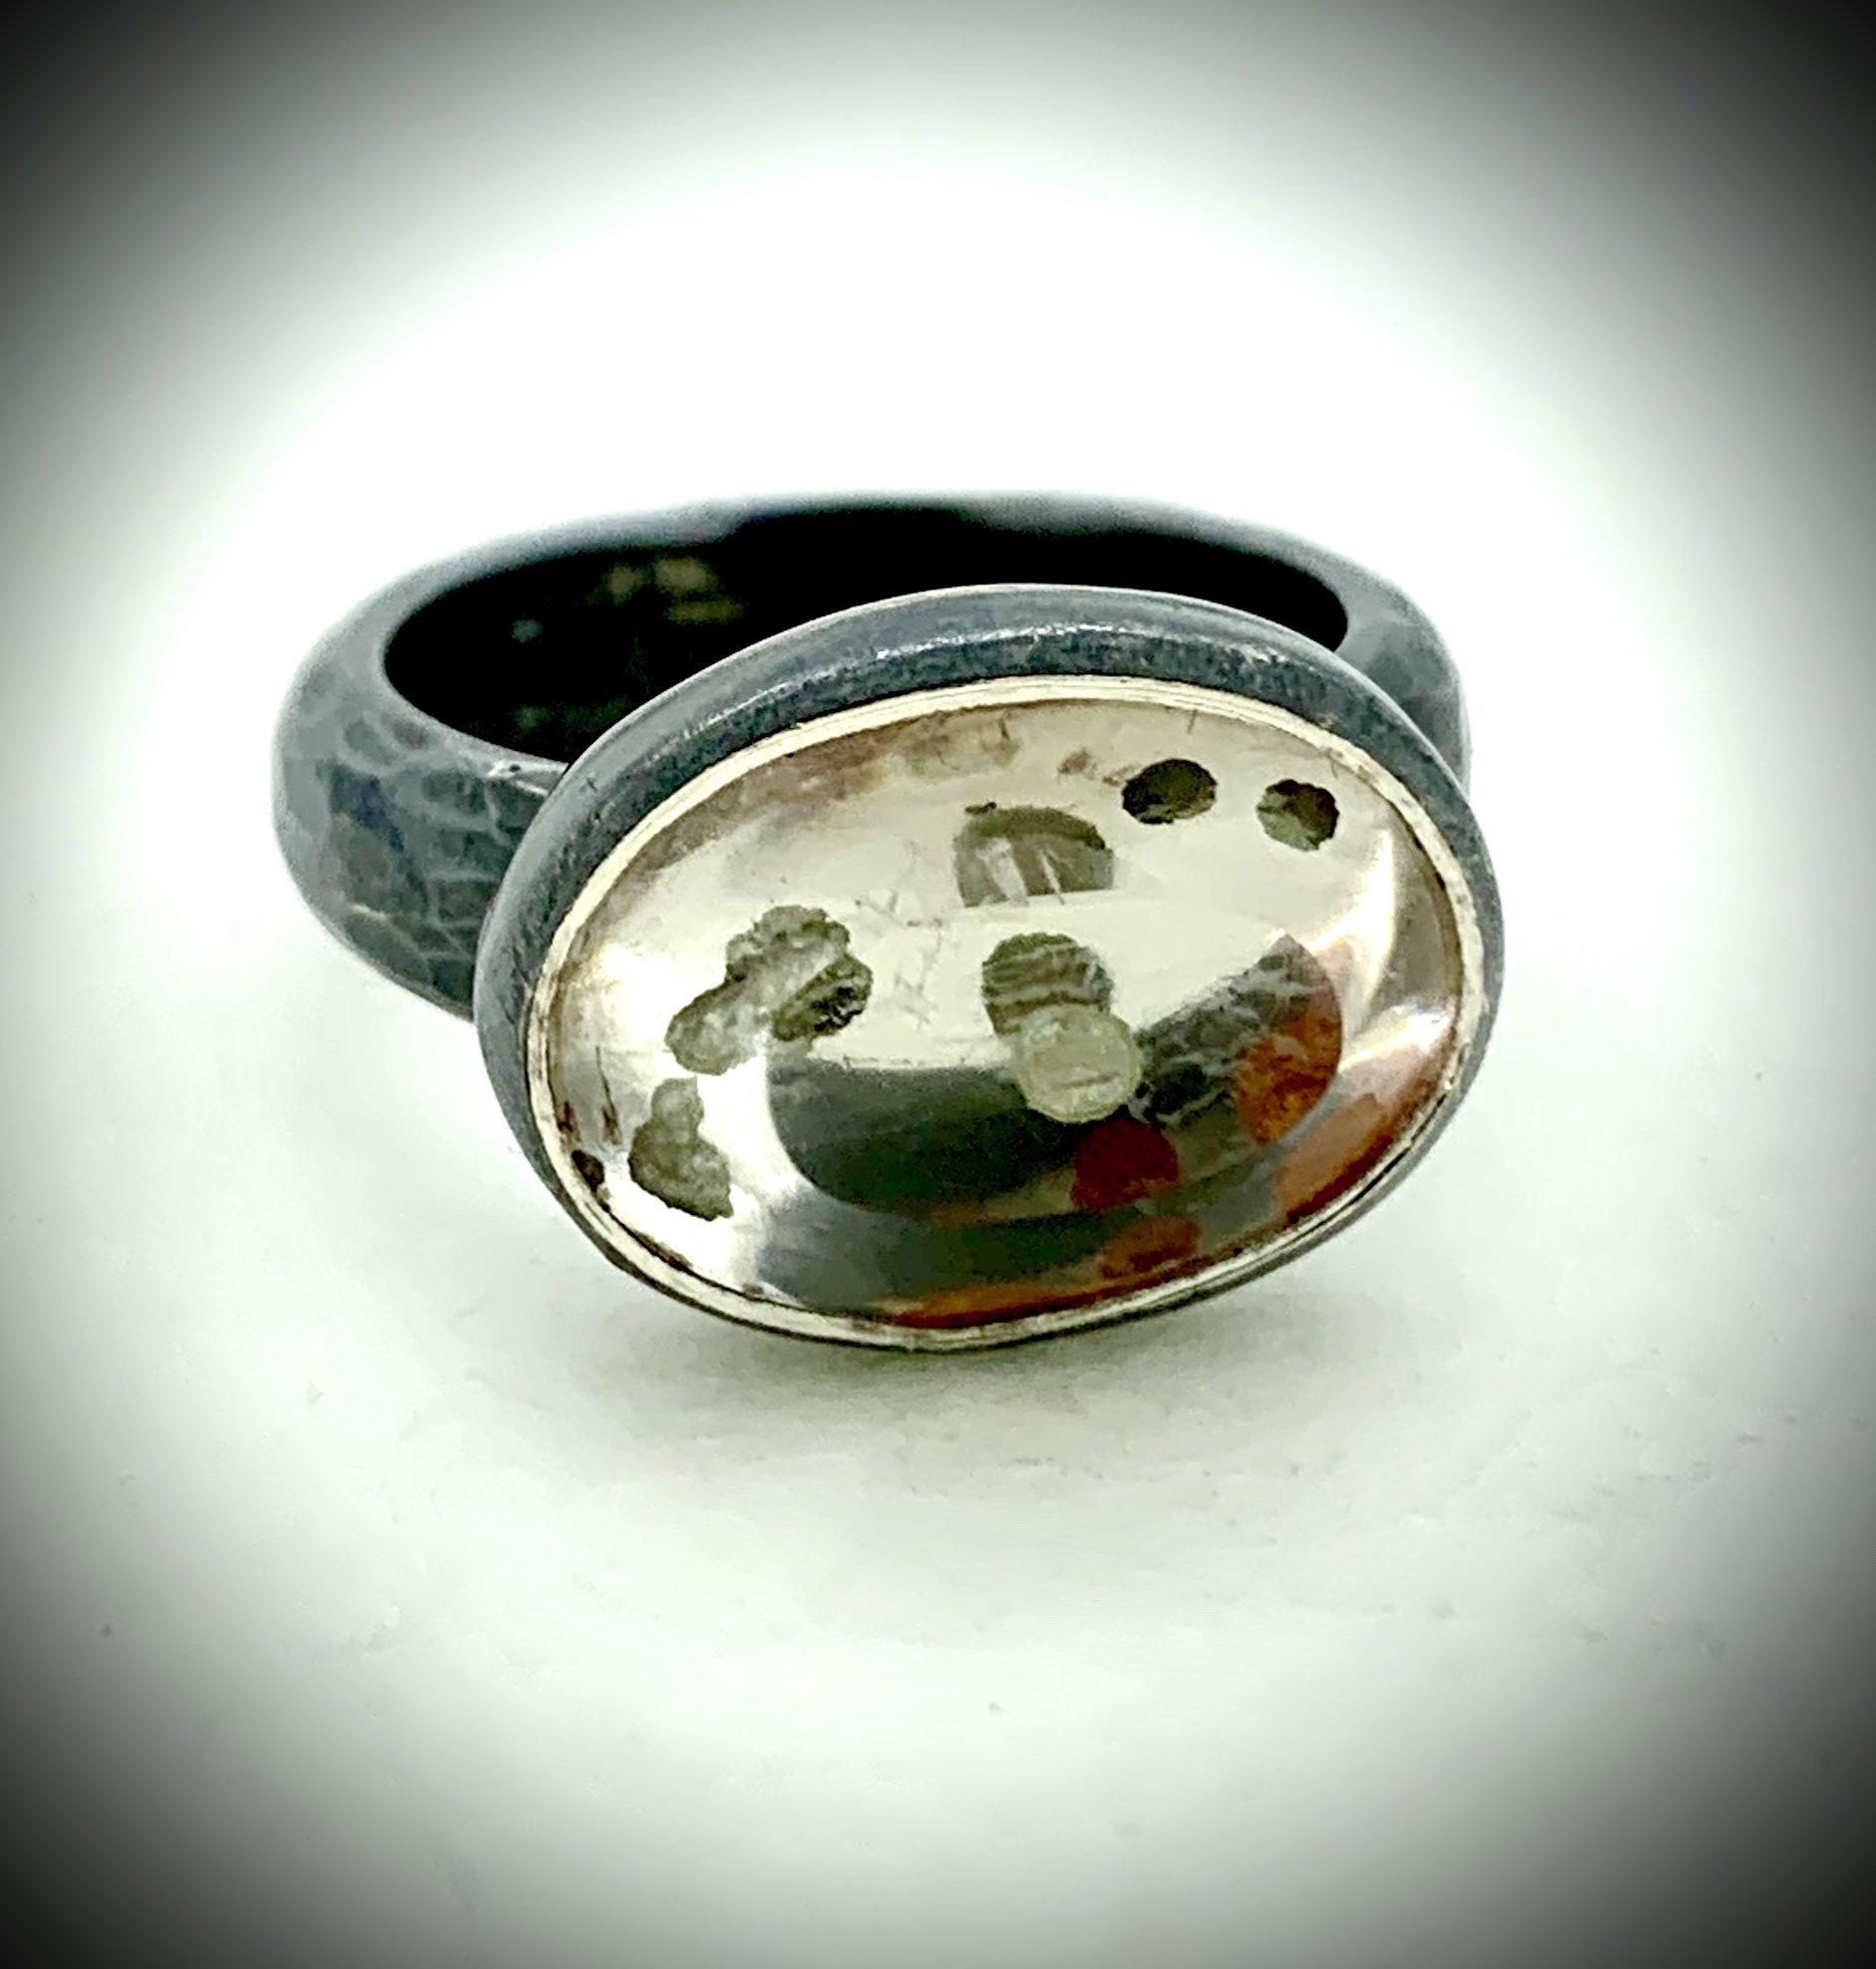 Speckled Quartz ring